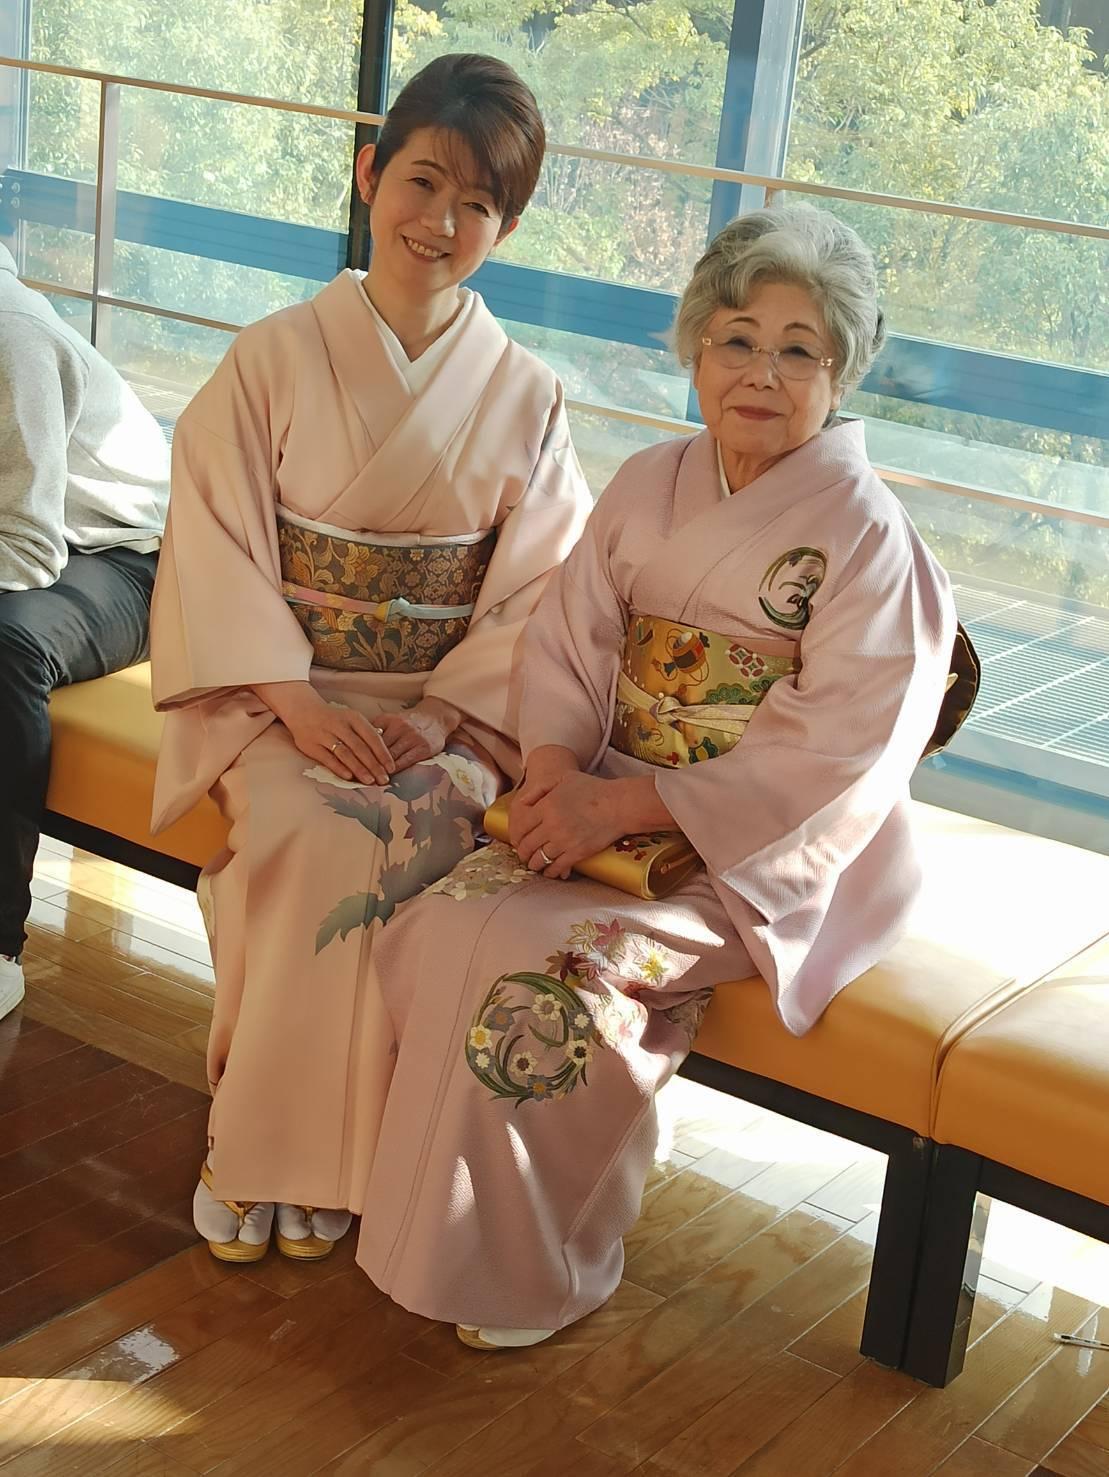 伝えて行きたい日本伝統の美《美知子お義母さんの日本刺繍》_a0157409_09442788.jpeg